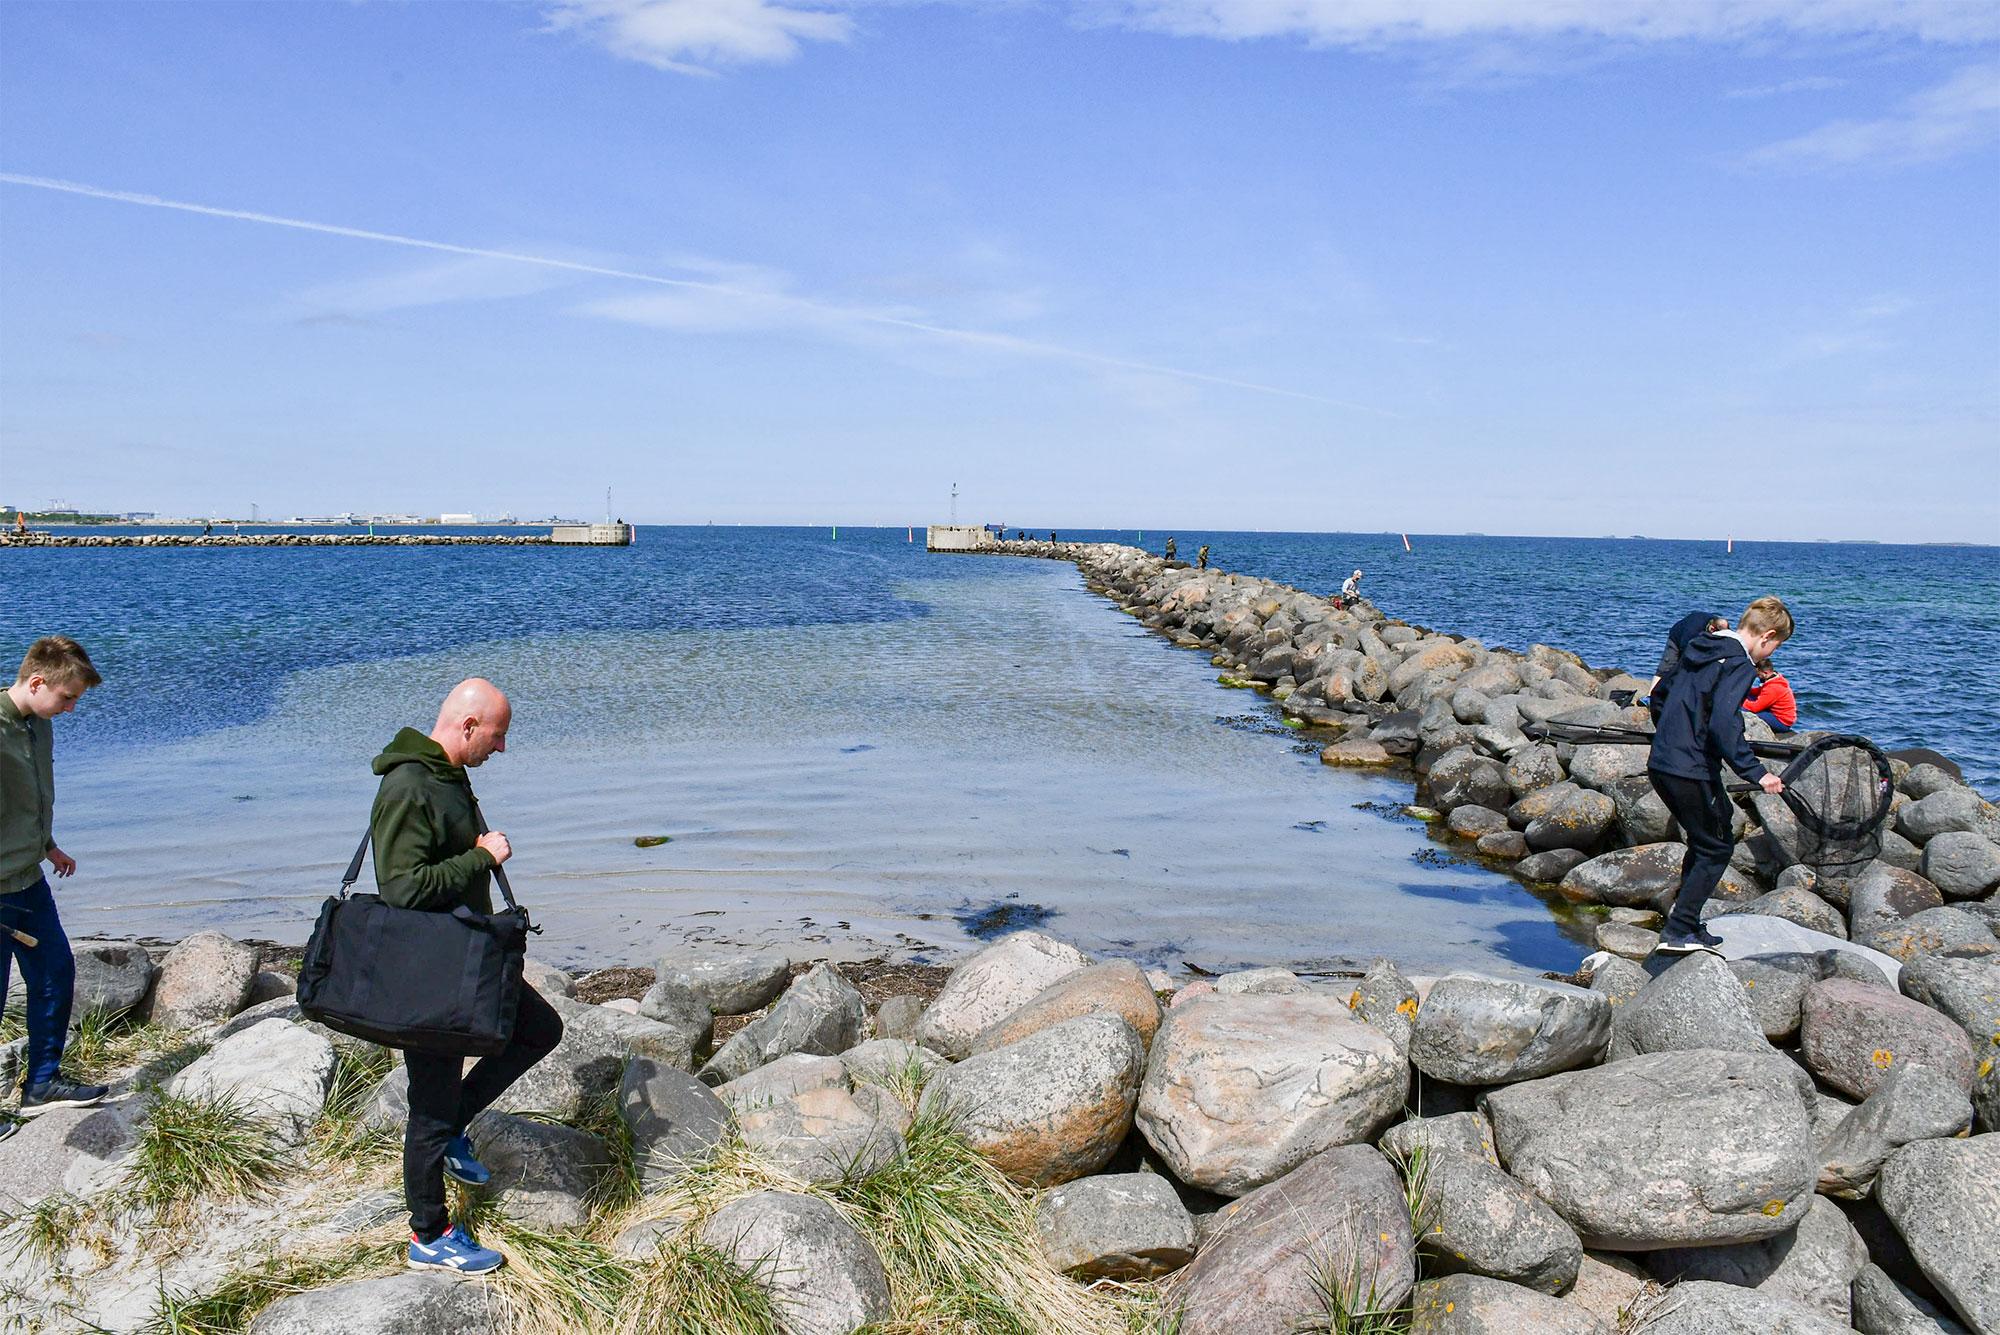 Havnebassinet i færgehavnen skal også uddybes, så ind- og udsejlingen fra Ny Havn sikres. På den lange bane håber man på muligheden for at udnytte og anlægge pladser i færgehavnen, som i dag er en B-havn. Klassificeringen af en havn har især betydning, når man skal have sin båd forsikret (Gamle Havn og Ny Havn er begge A-havne). Foto: Ebbe Kyrø.